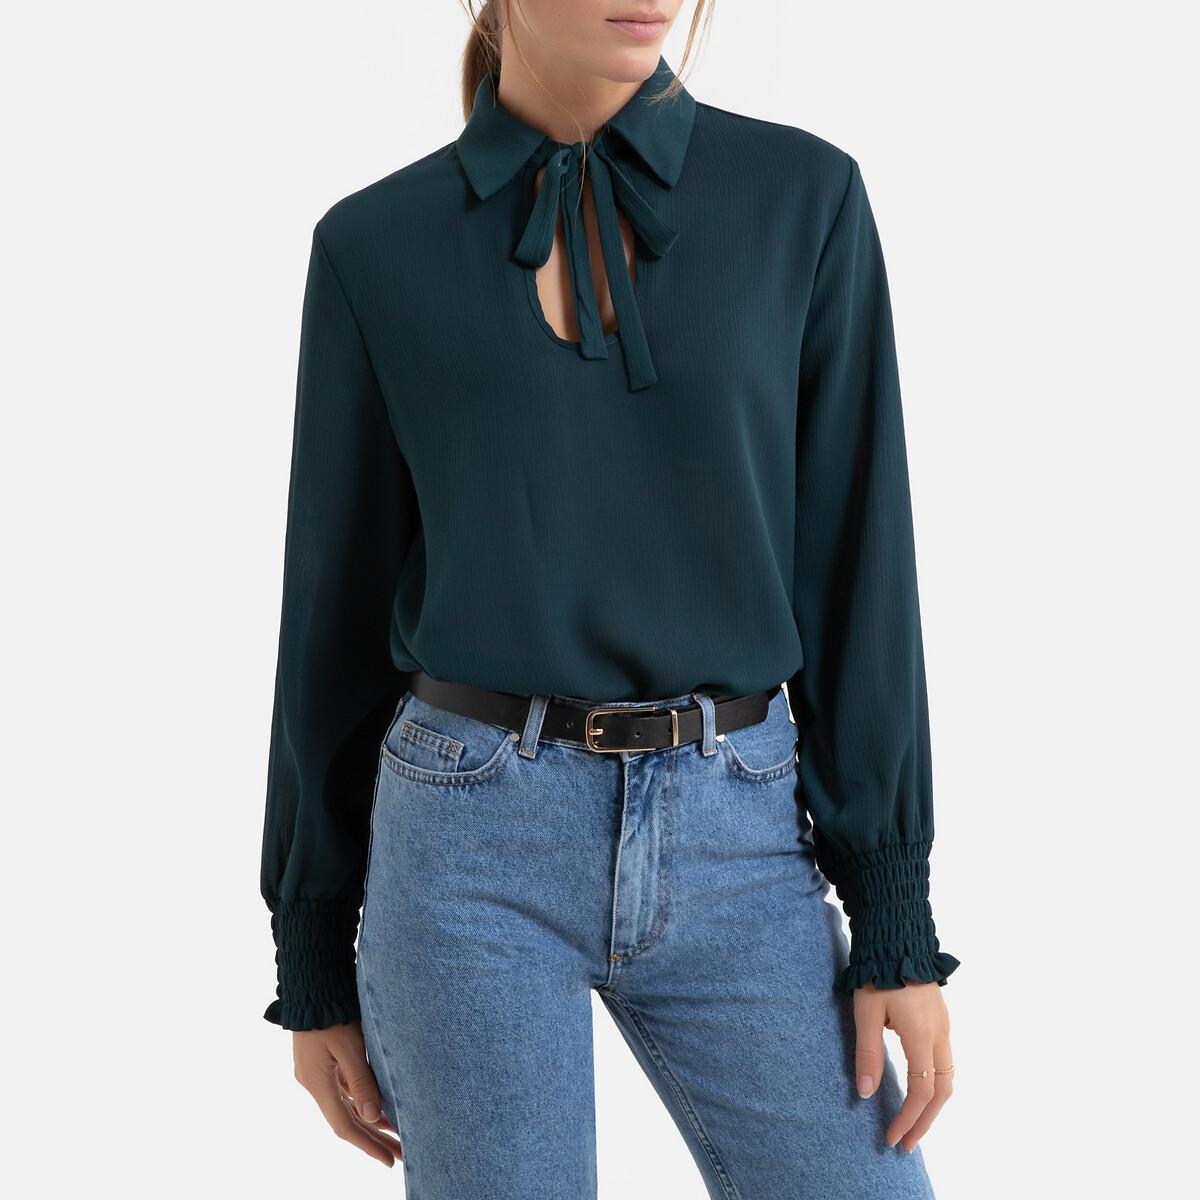 Блузка LaRedoute С рубашечным воротником с завязками длинные рукава L зеленый